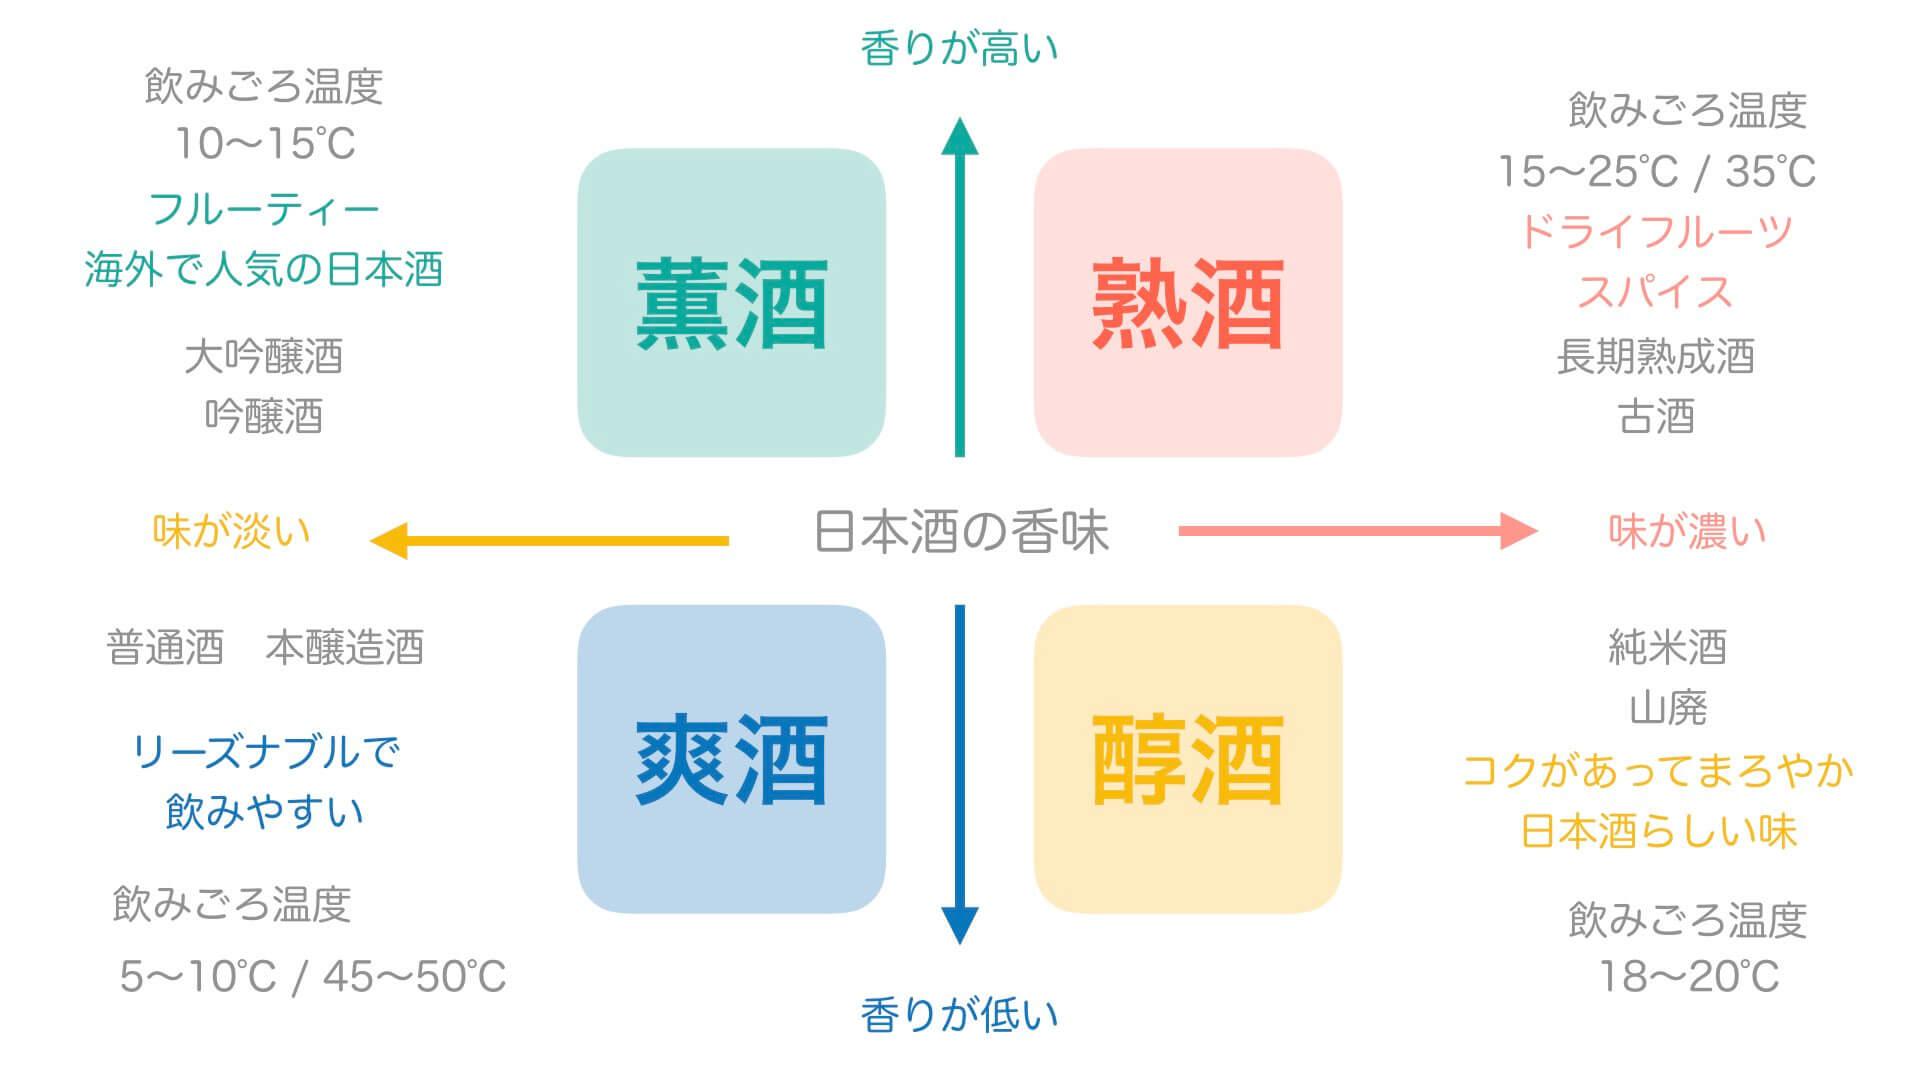 日本酒の種類ごとの味わいをグラフにした